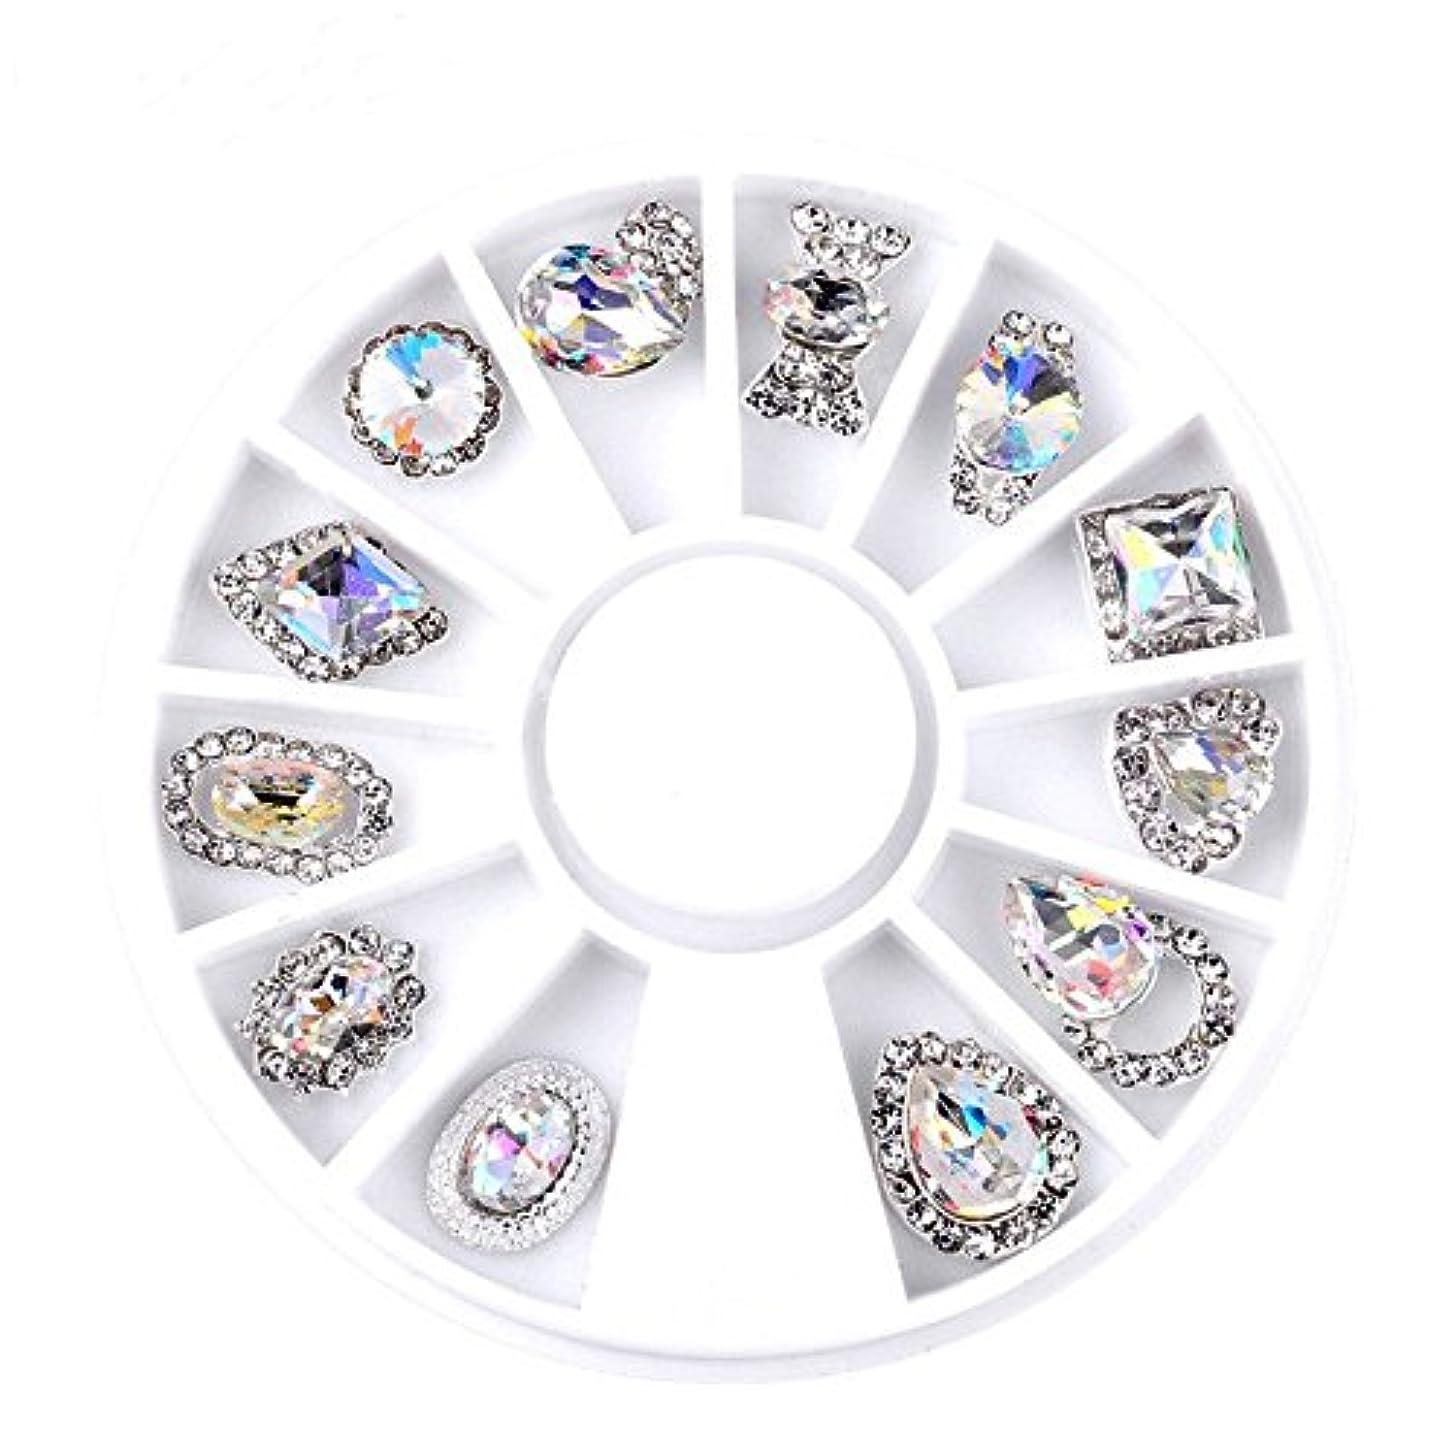 管理者文明化ブームArtlalic混合ダイヤモンドのラインストーンミニビーズクロス宝石の円3Dネイルアートグライタークリスタルの爪の装飾